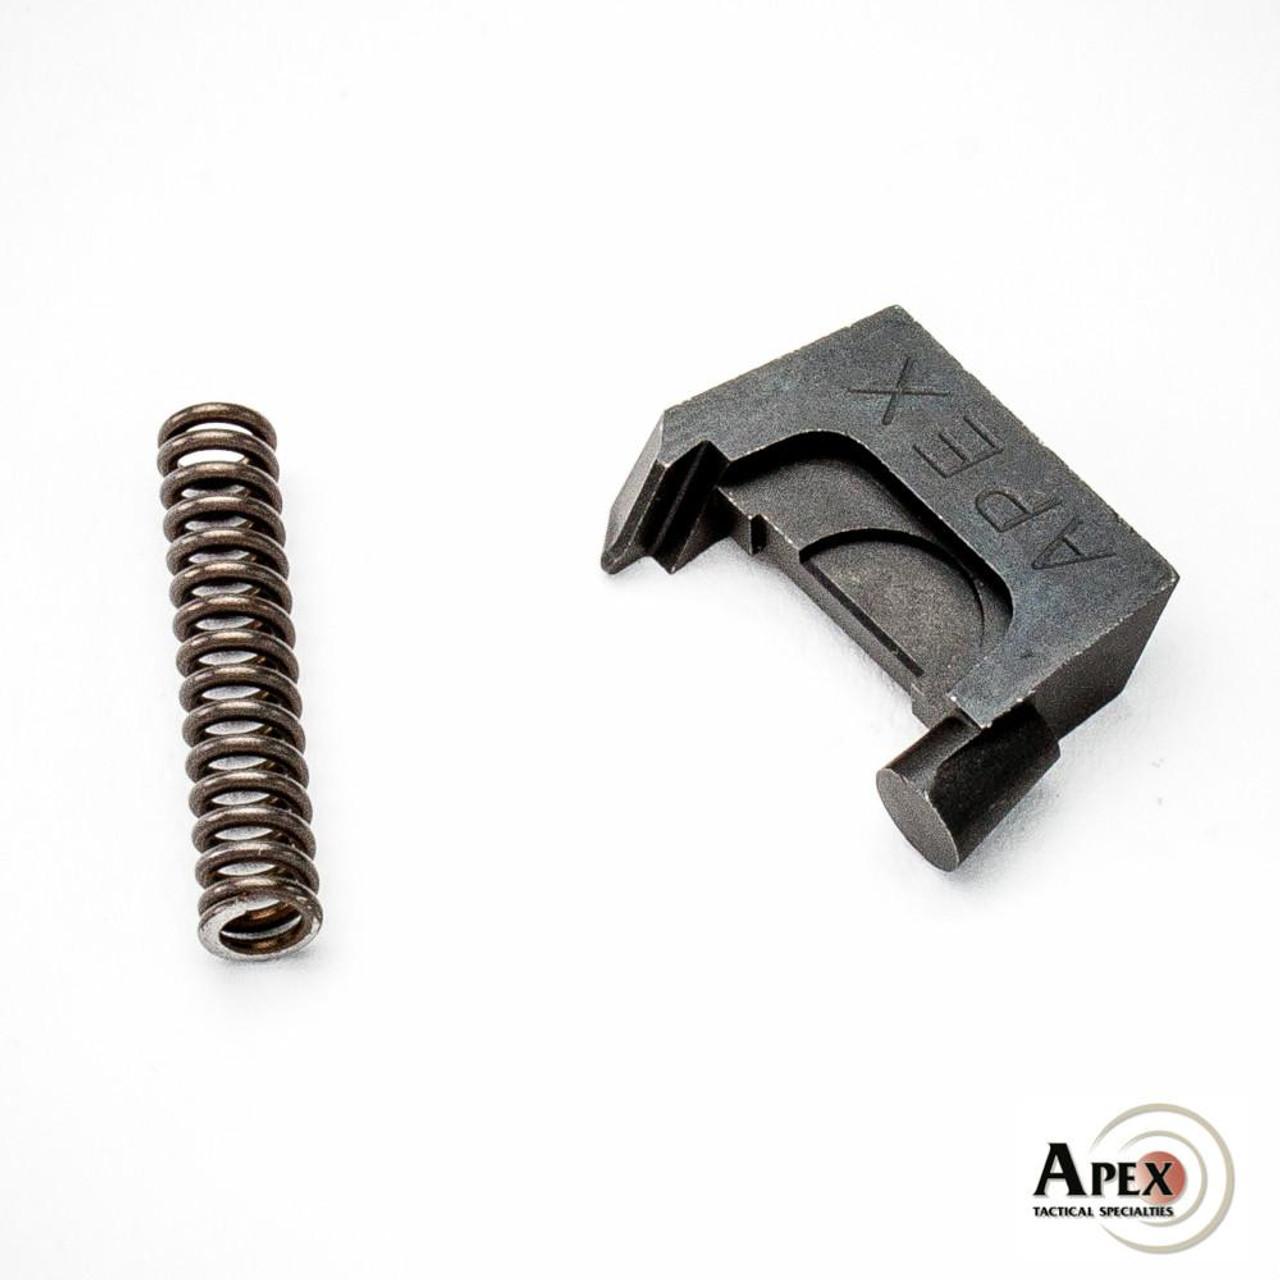 Apex Tactical Glock Failure Resistant Extractor - Gen 3